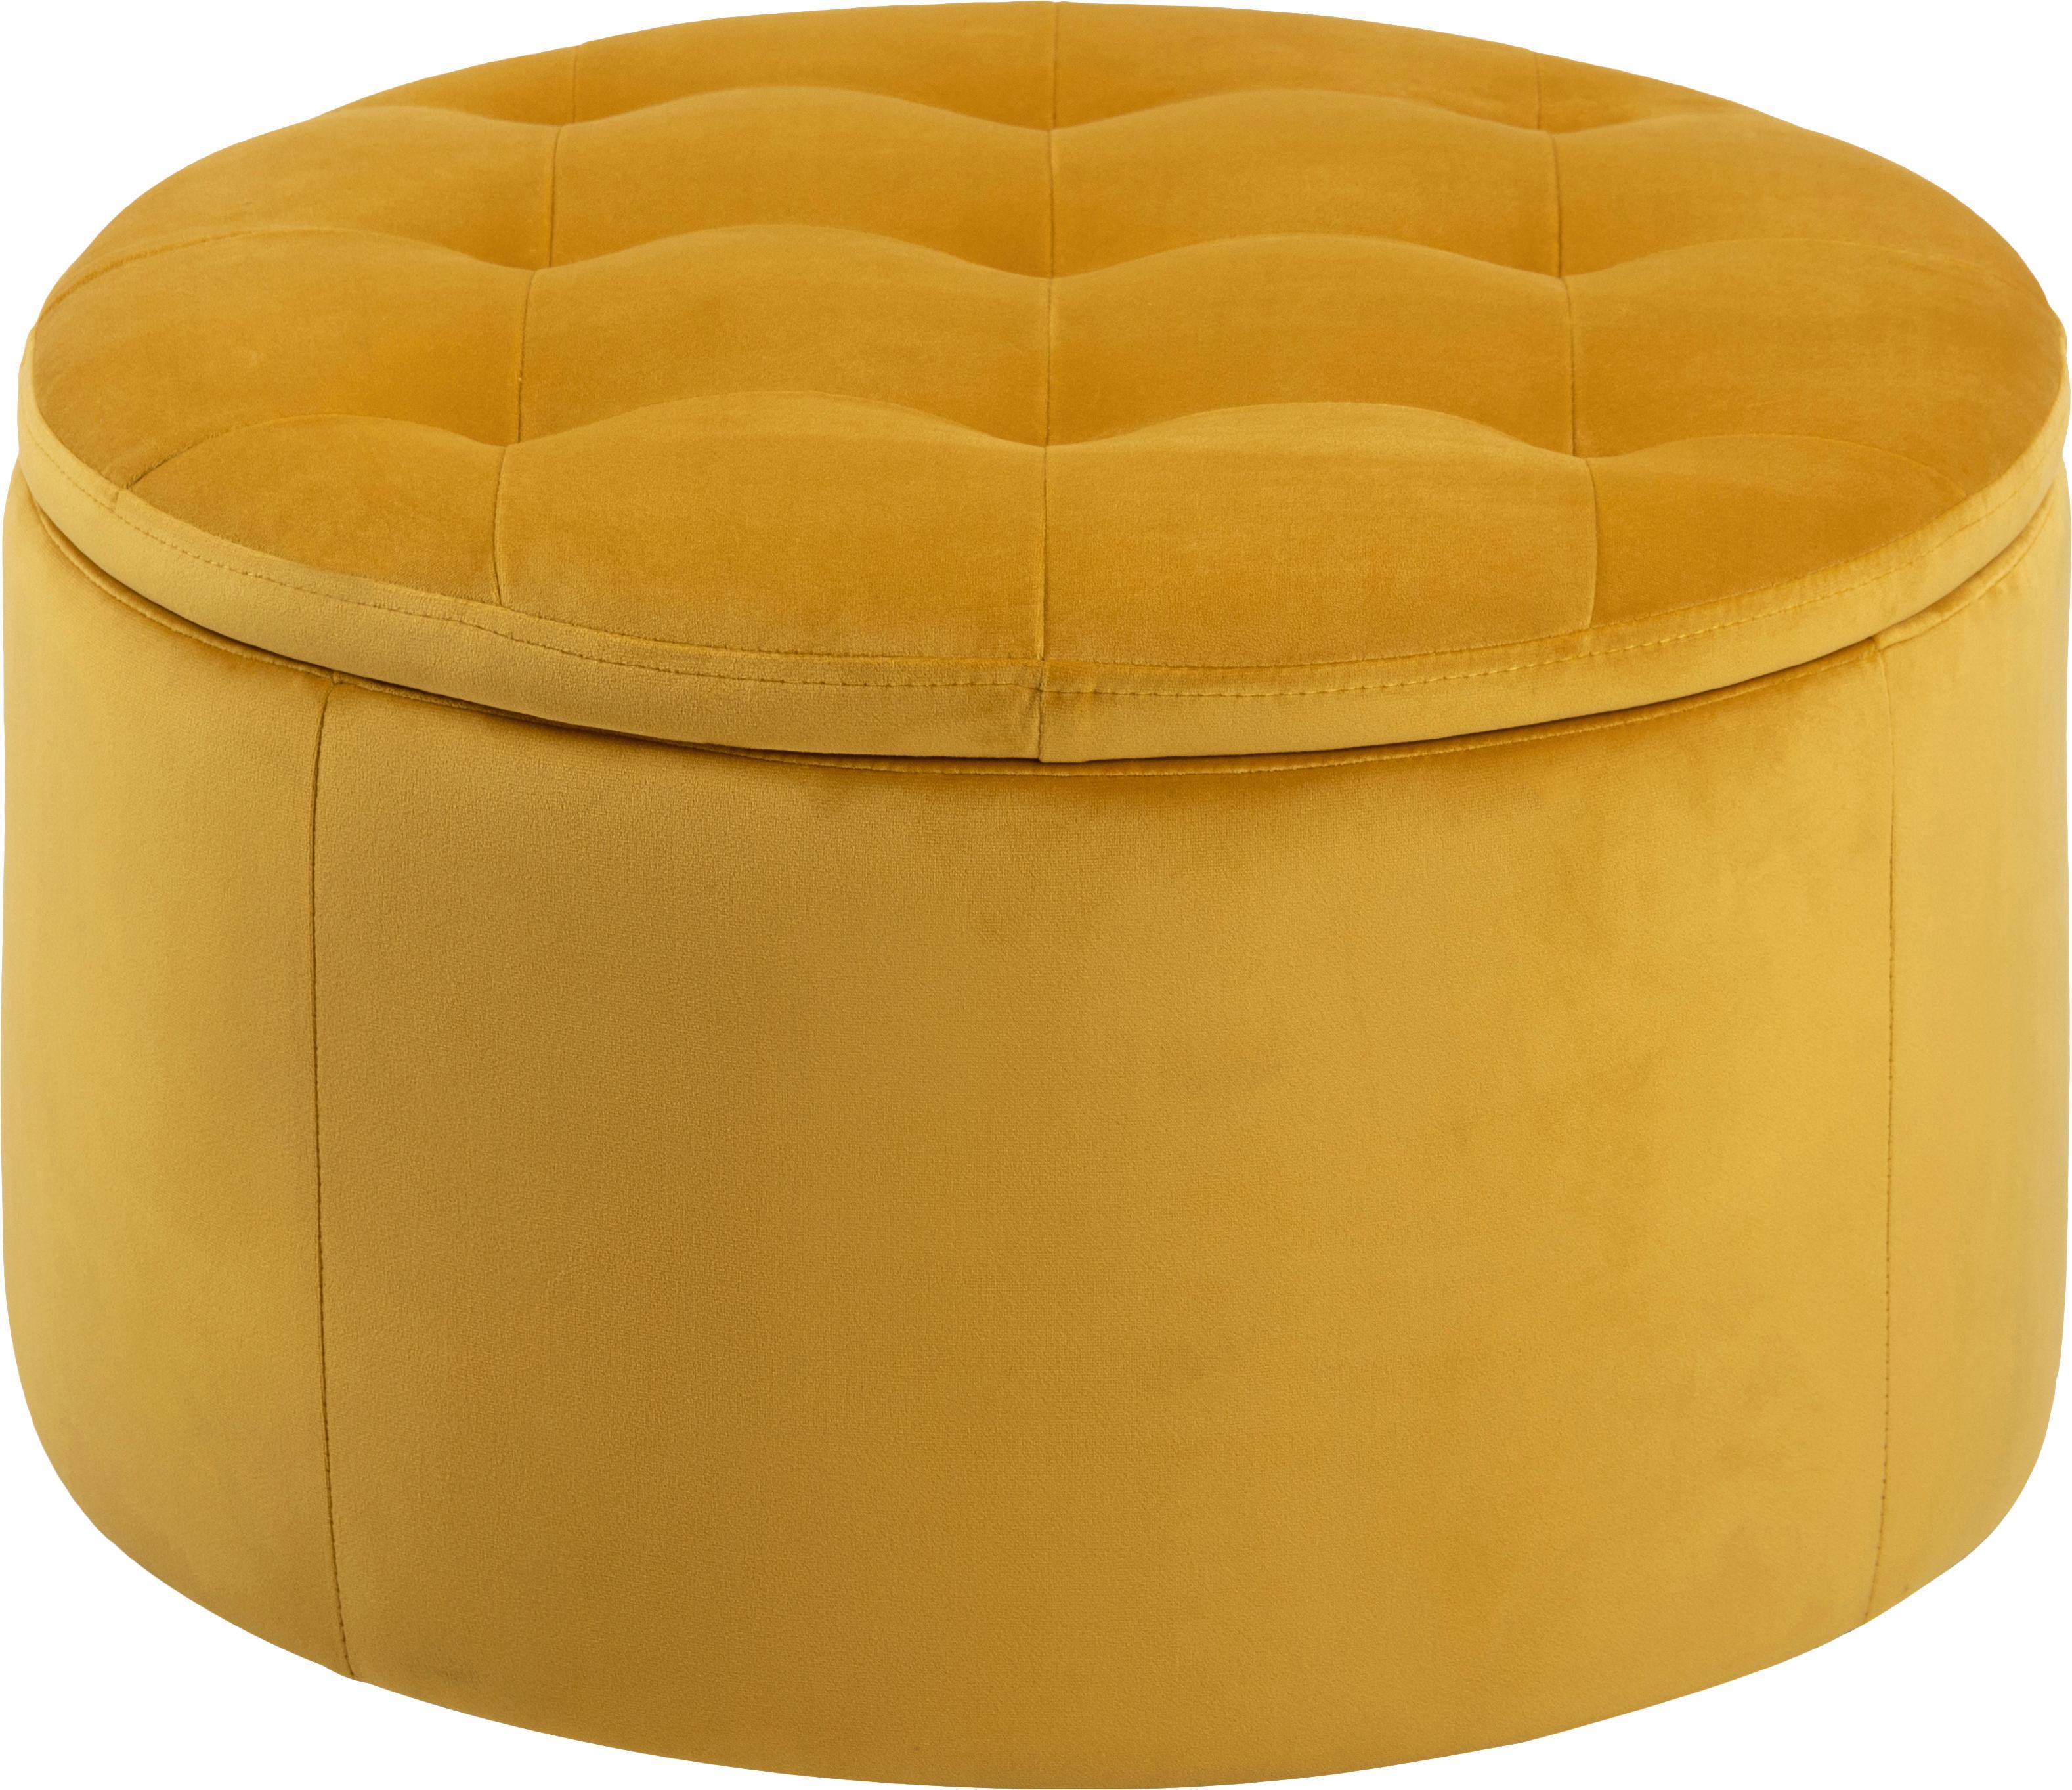 Puf de terciopelo Retina, con espacio de almacenamiento, Tapizado: terciopelo de poliéster 2, Estructura: plástico, Amarillo, Ø 60 x Al 35 cm